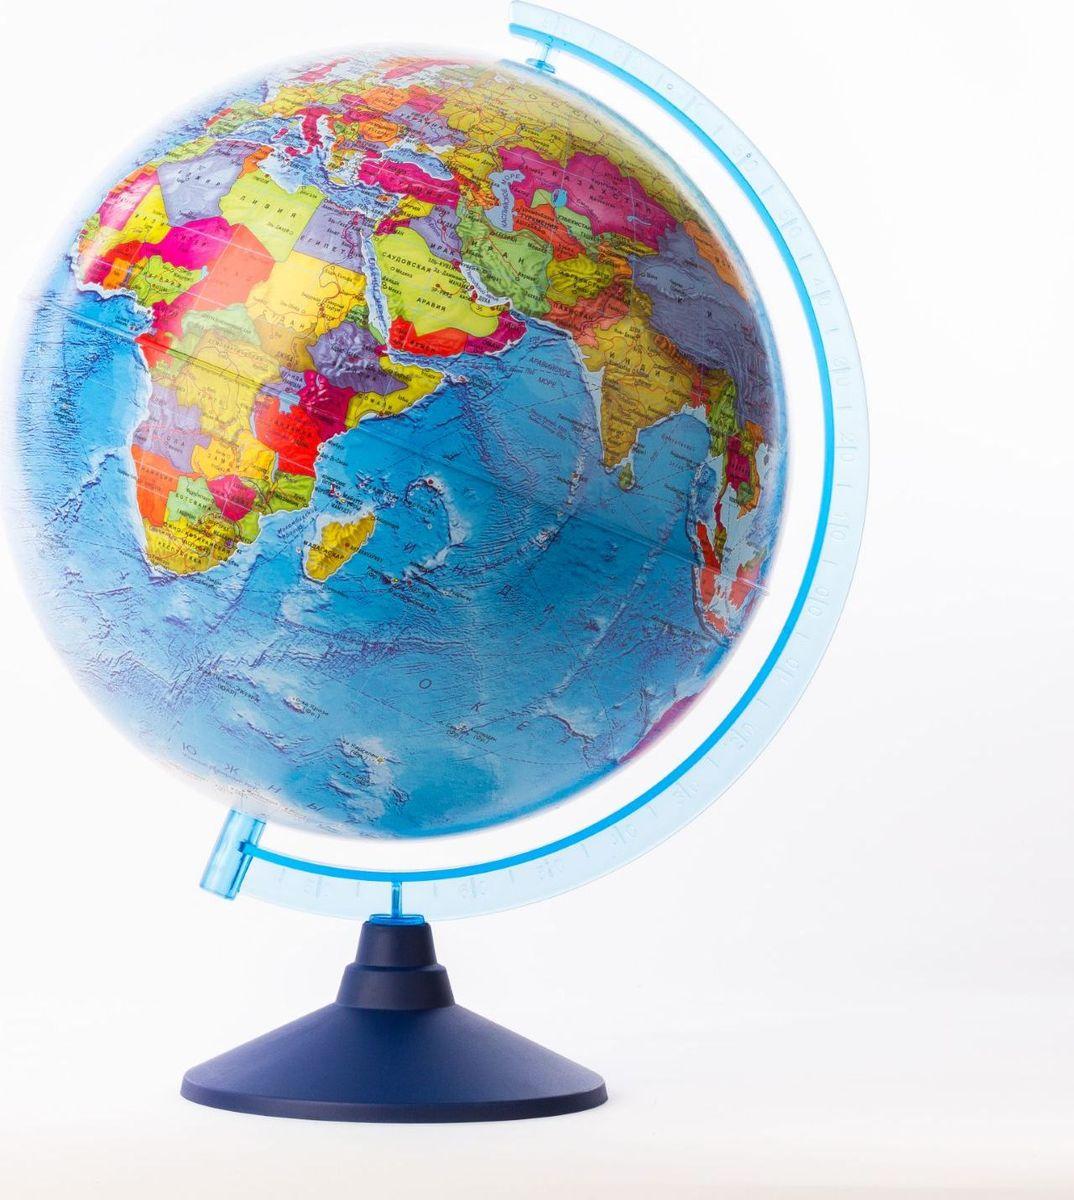 Глобен Глобус политический Классик Евро диаметр 32 см1259368Глобус для всех, глобус каждому! Глобус — самый простой способ привить ребенку любовь к географии. Он является отличным наглядным примером, который способен в игровой доступной и понятной форме объяснить понятия о планете Земля. Также интерес к глобусам проявляют не только детки, но и взрослые. Для многих уменьшенная копия планеты заменяет атлас мира из-за своей доступности и универсальности. Умный подарок! Кому принято дарить глобусы? Всем! Глобус политический диаметр 320мм Классик Евро — это уменьшенная копия земного шара, в которой каждый найдет для себя что-то свое. путешественники и заядлые туристы смогут отмечать с помощью стикеров те места, в которых побывали или собираются их посетить деловые и успешные люди оценят такой подарок по достоинству, потому что глобус ассоциируется со статусом и властью преподаватели, ученые, студенты или просто неординарные личности также найдут для глобуса достойное место в своем доме. Итак, спешите...